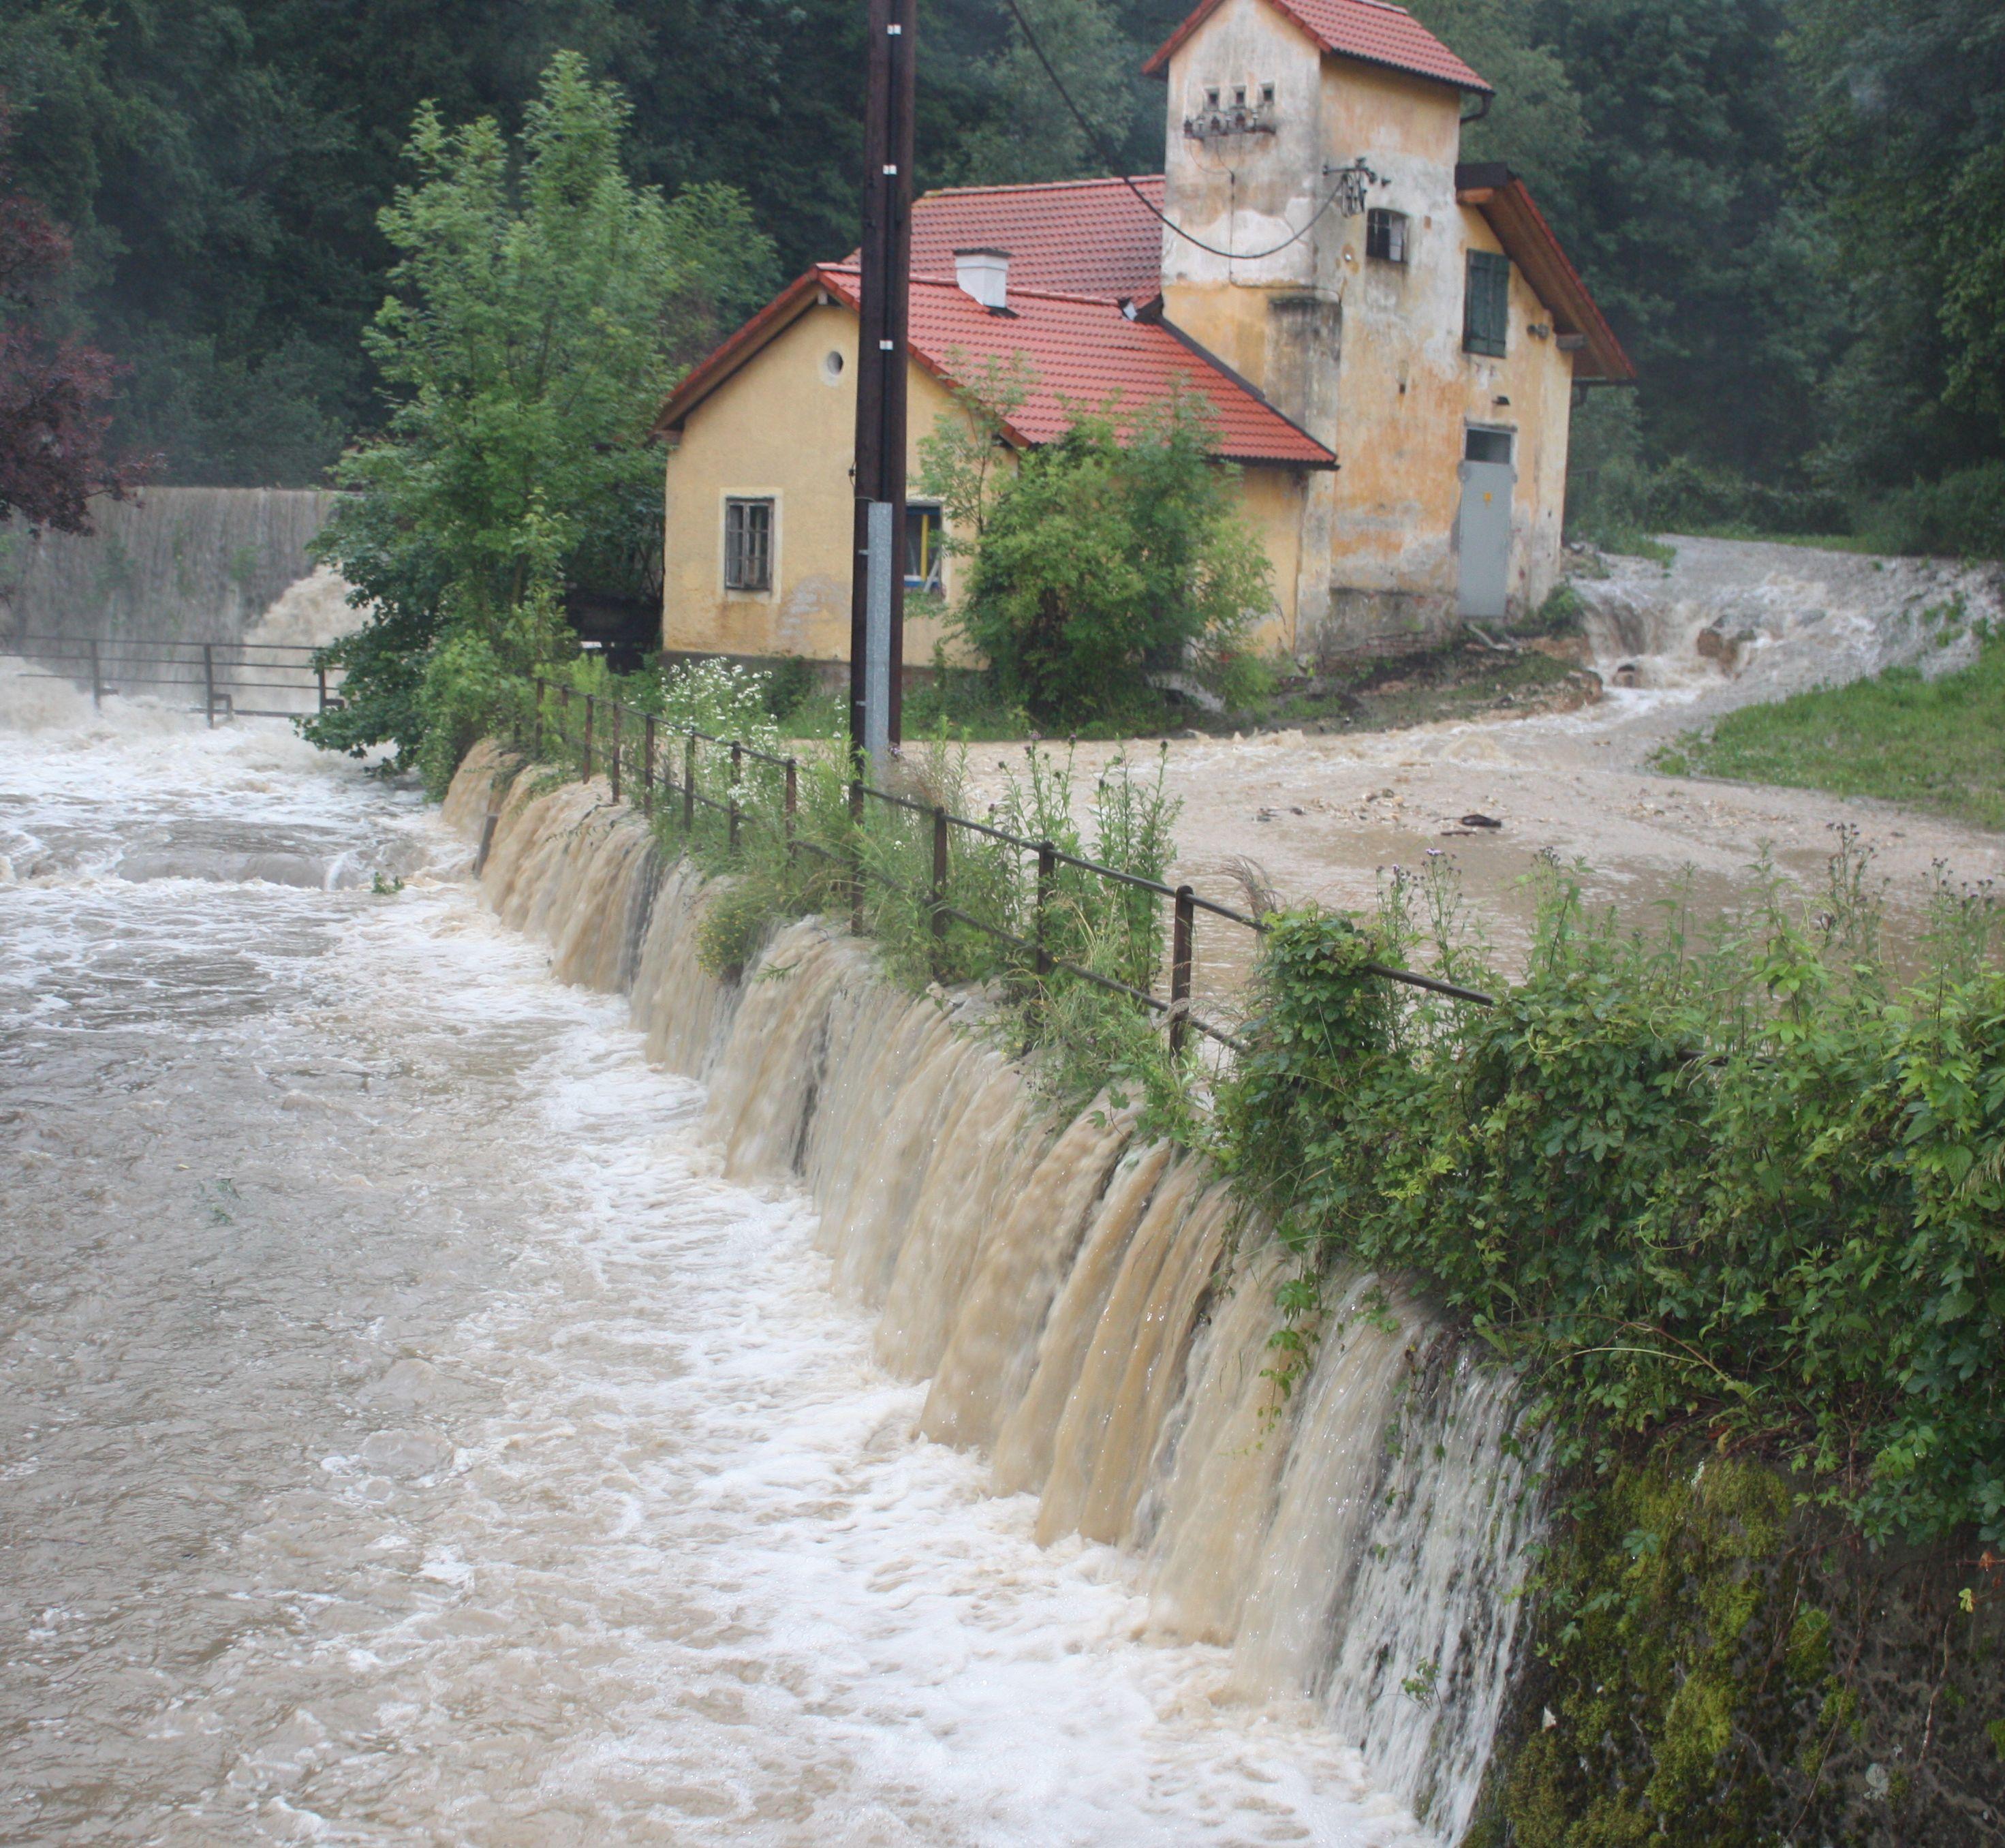 20090624_hochwasser_01.jpg